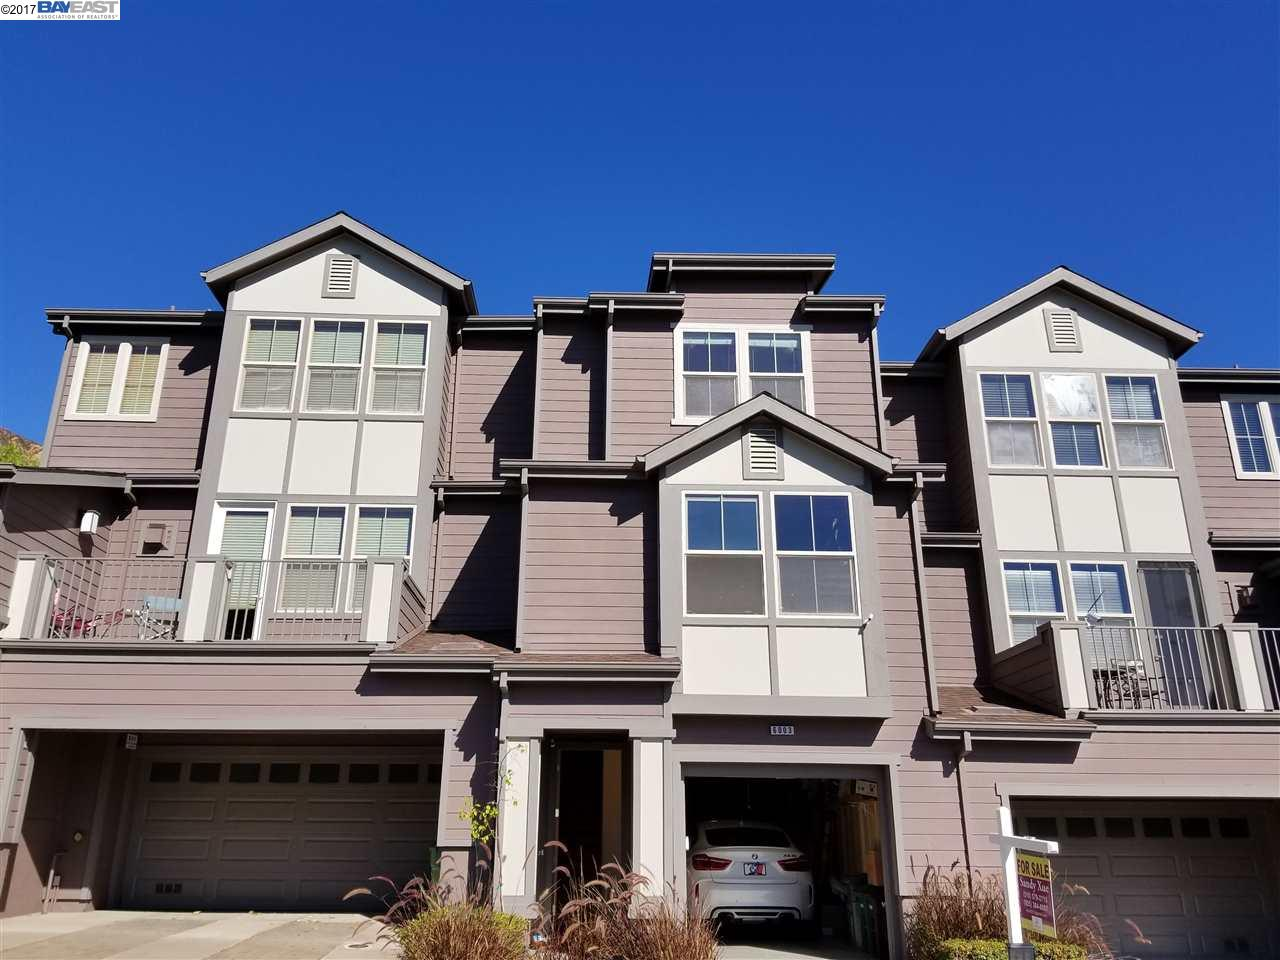 Stadthaus für Verkauf beim 6003 Old Quarry Loop 6003 Old Quarry Loop Oakland, Kalifornien 94605 Vereinigte Staaten